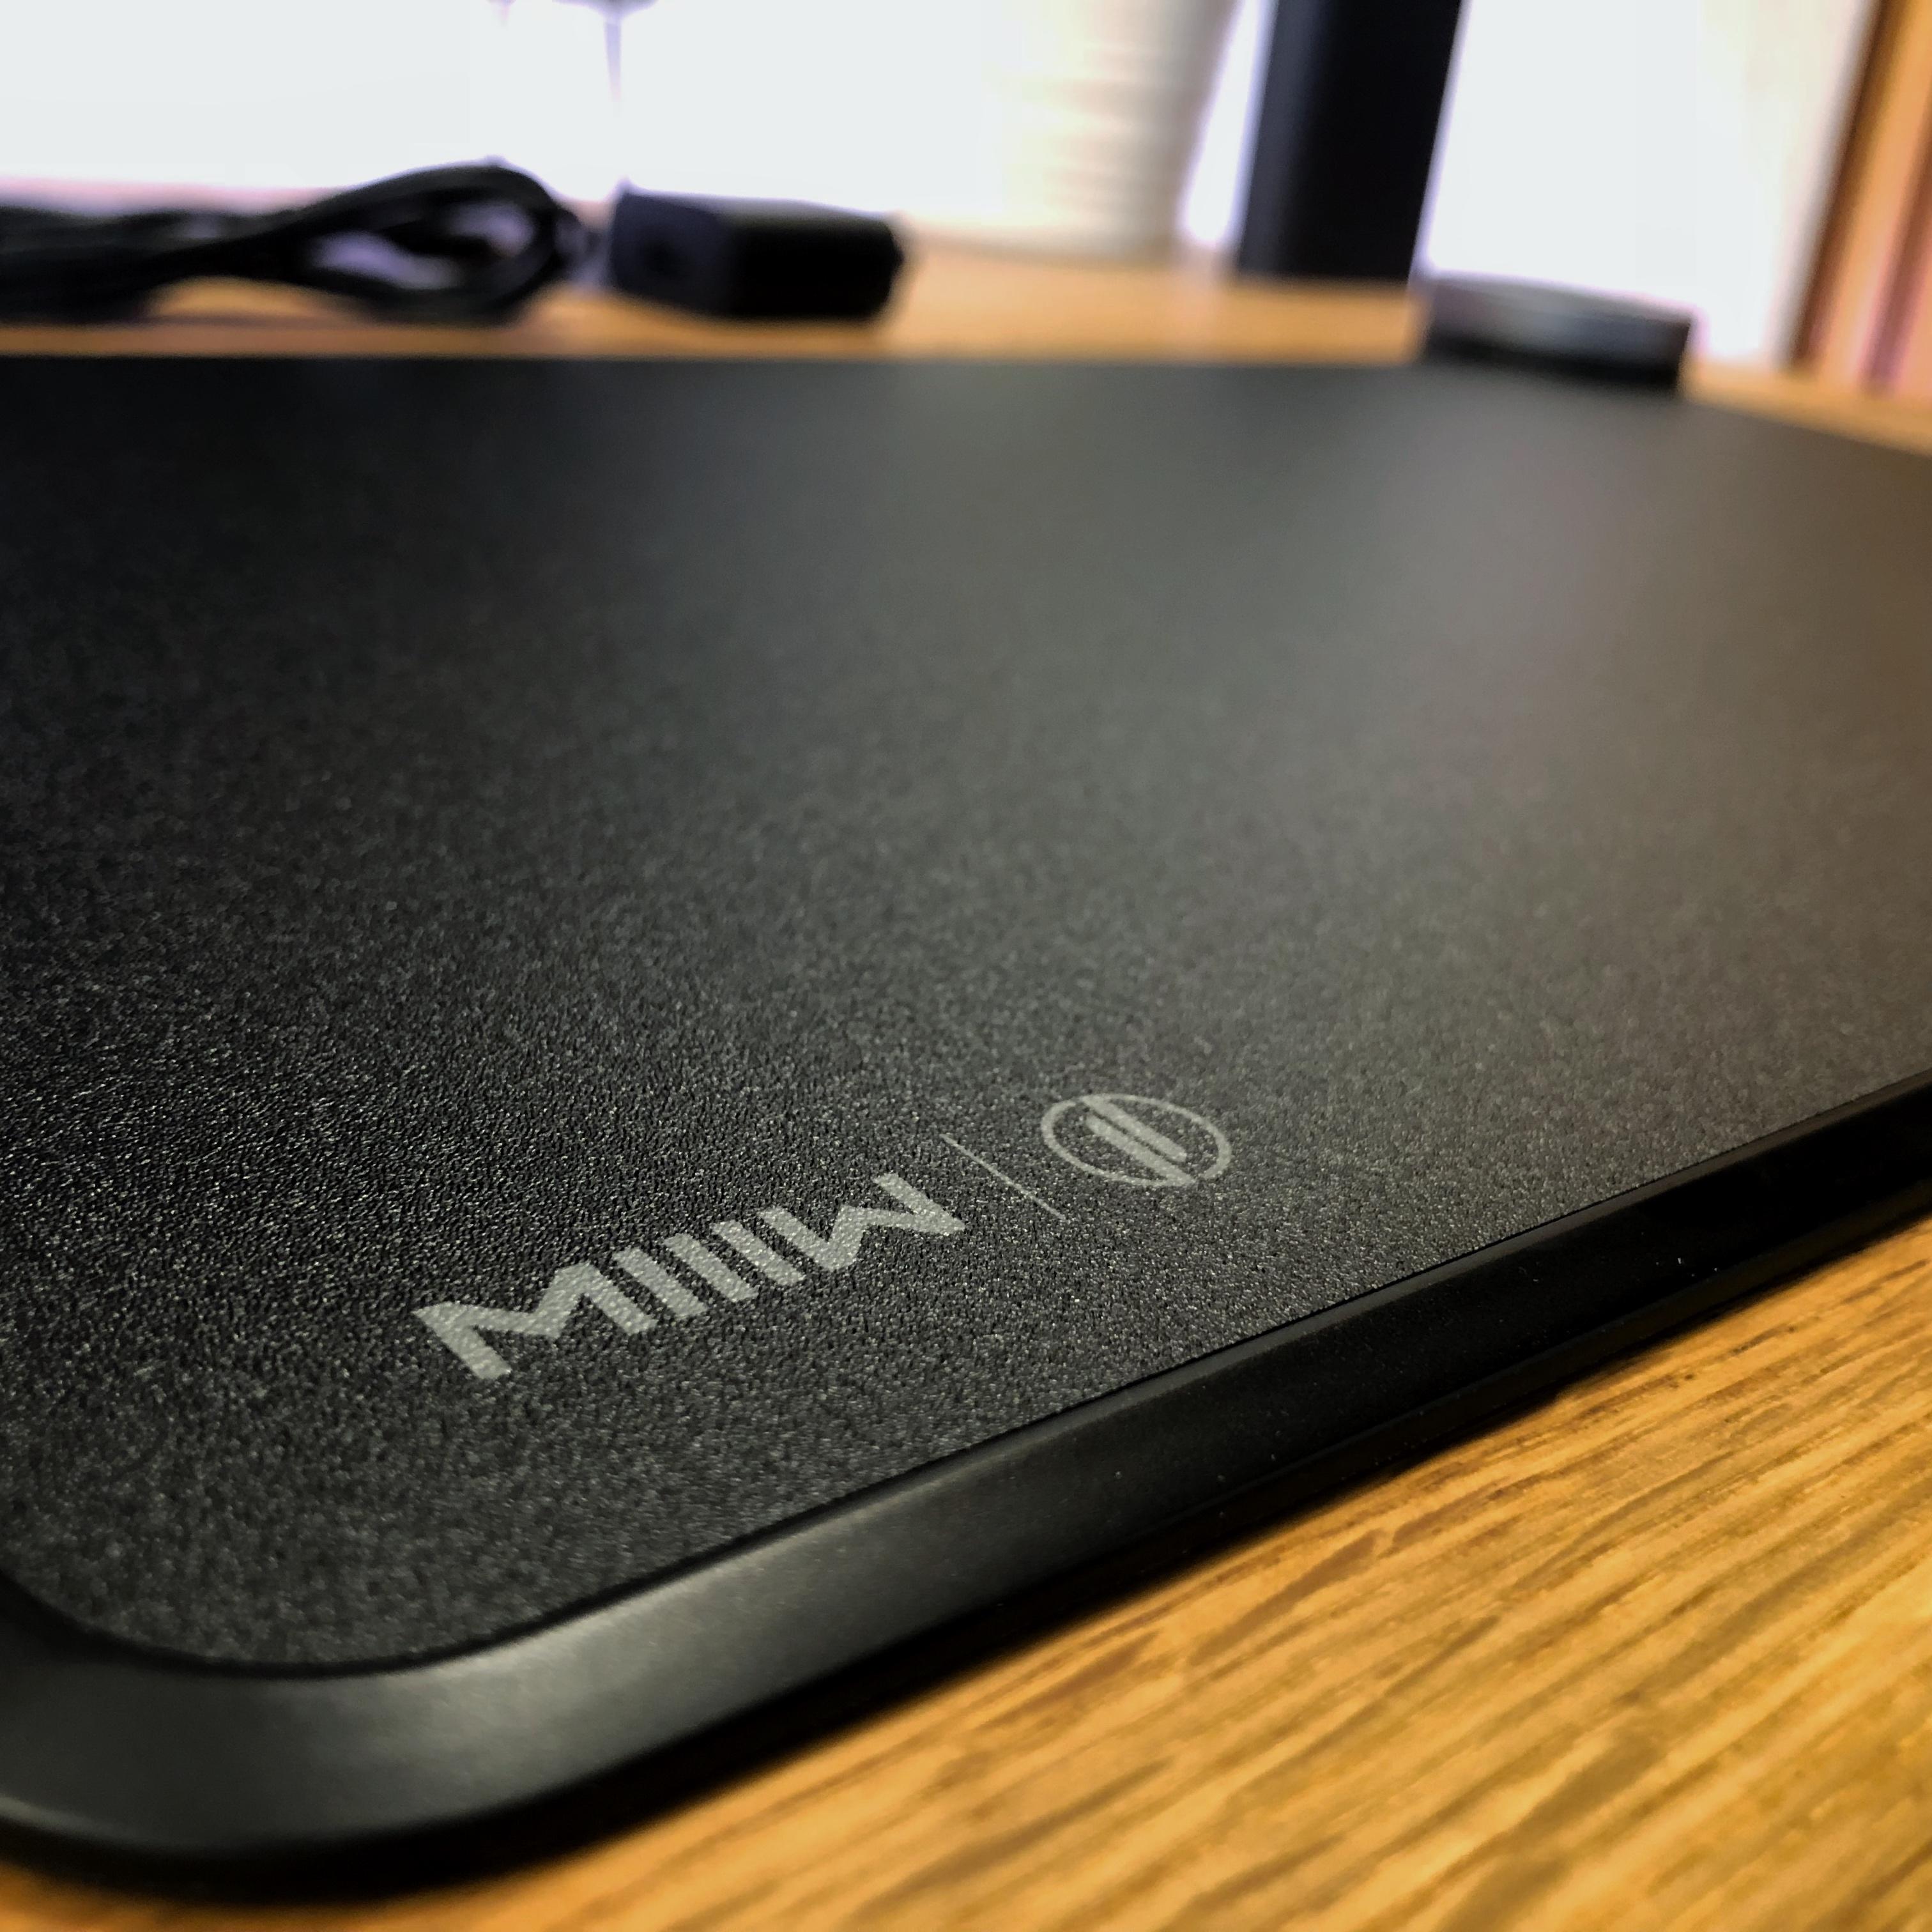 Xiaomi Smart Mouse Pad MIIIW MWSP0110